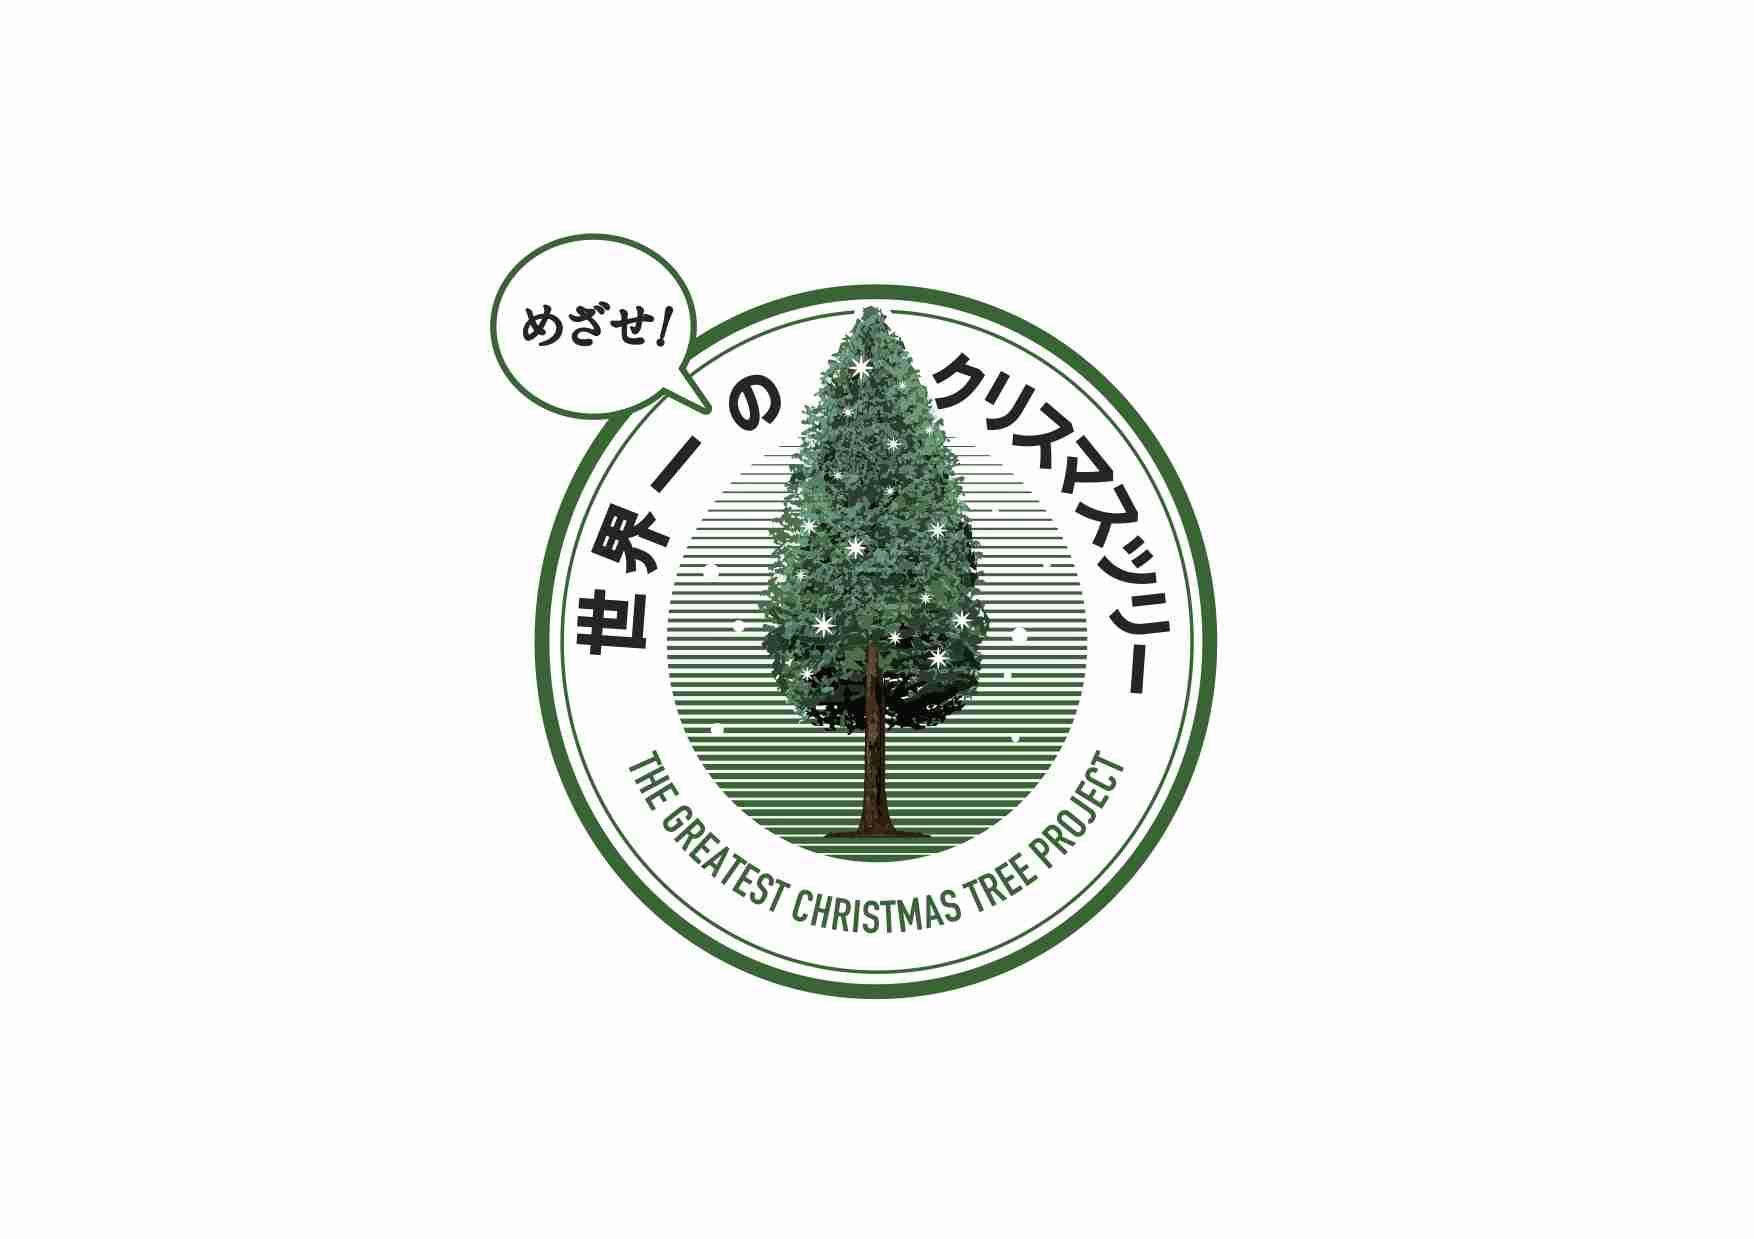 プラントハンター西畠清順が手掛ける史上最大の樹木輸送、遂にはじまる「めざせ!世界一のクリスマスツリープロジェクト」富山県氷見市の山より、日本列島を半周して神戸港へ。世紀の海上巨木輸送に挑む! |そら植物園株式会社のプレスリリース